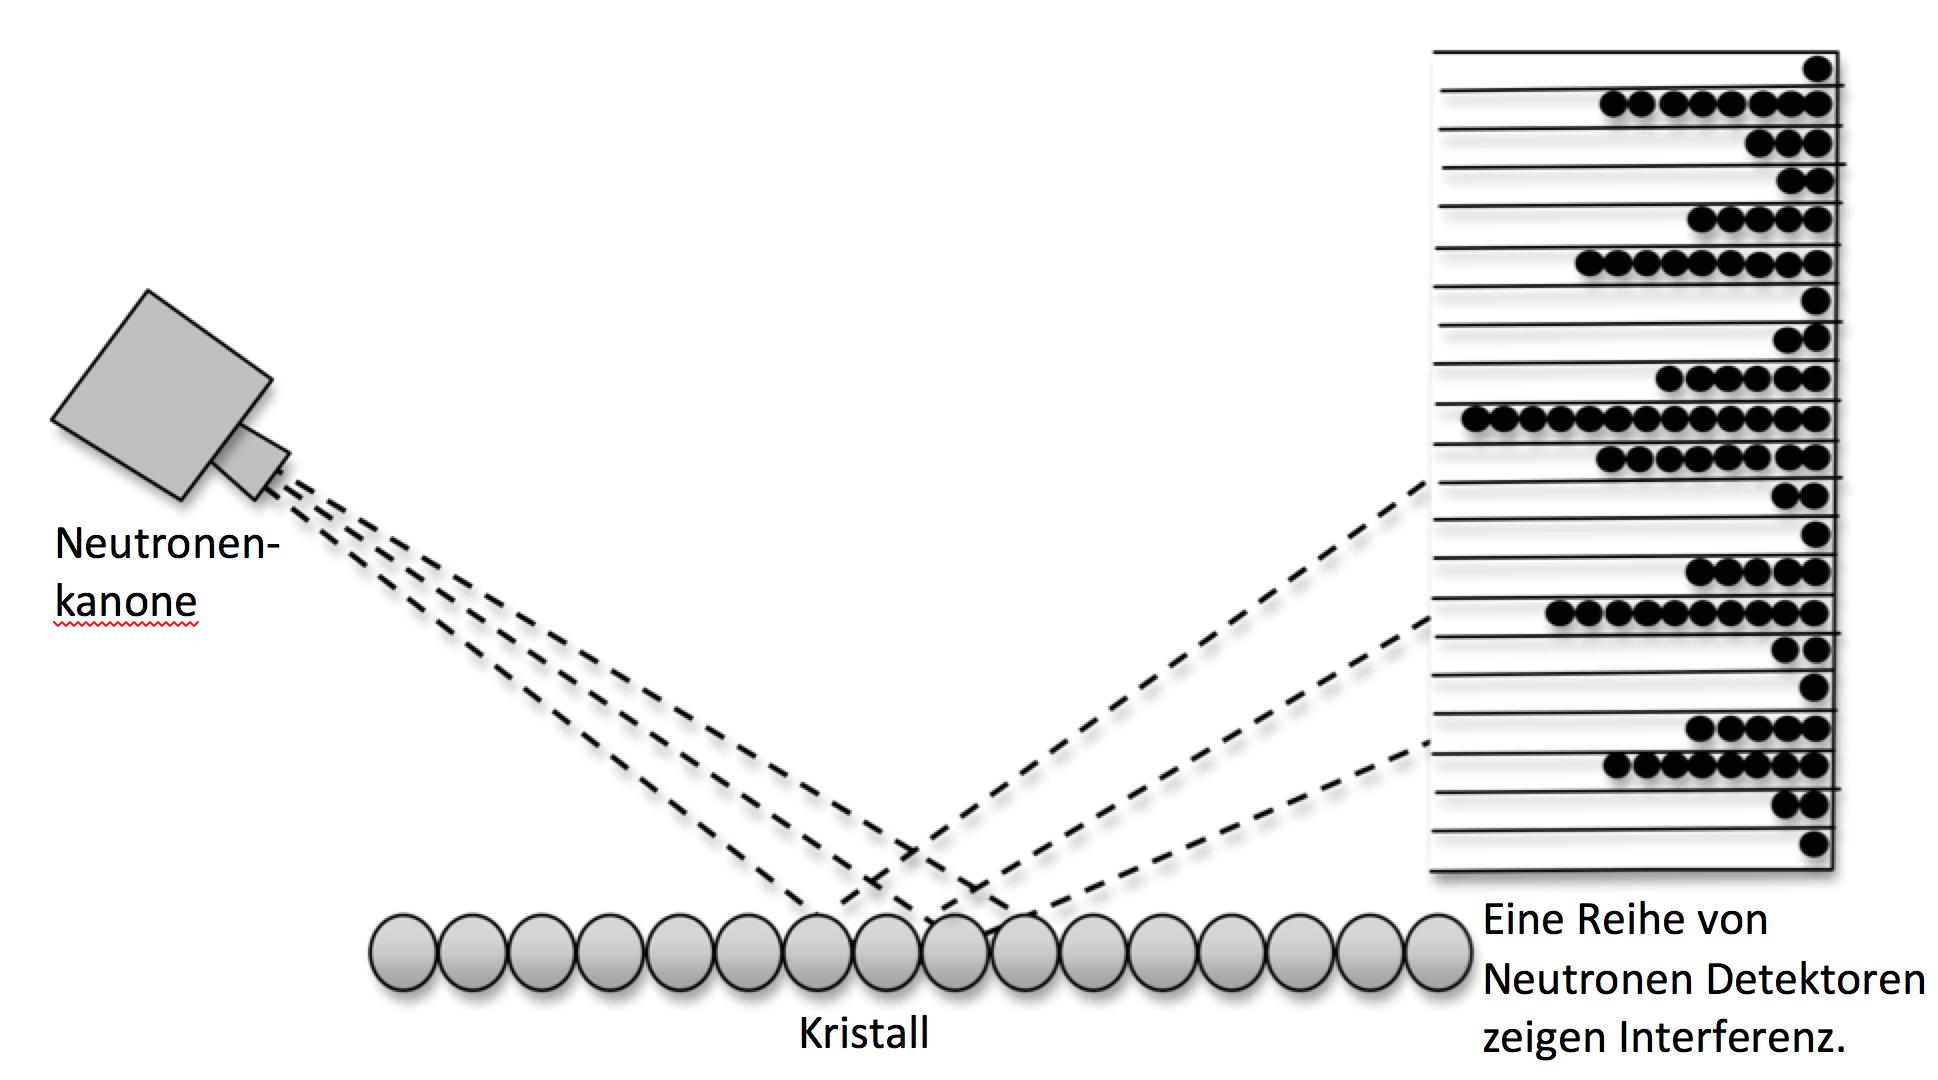 Interferenz von Neutronen